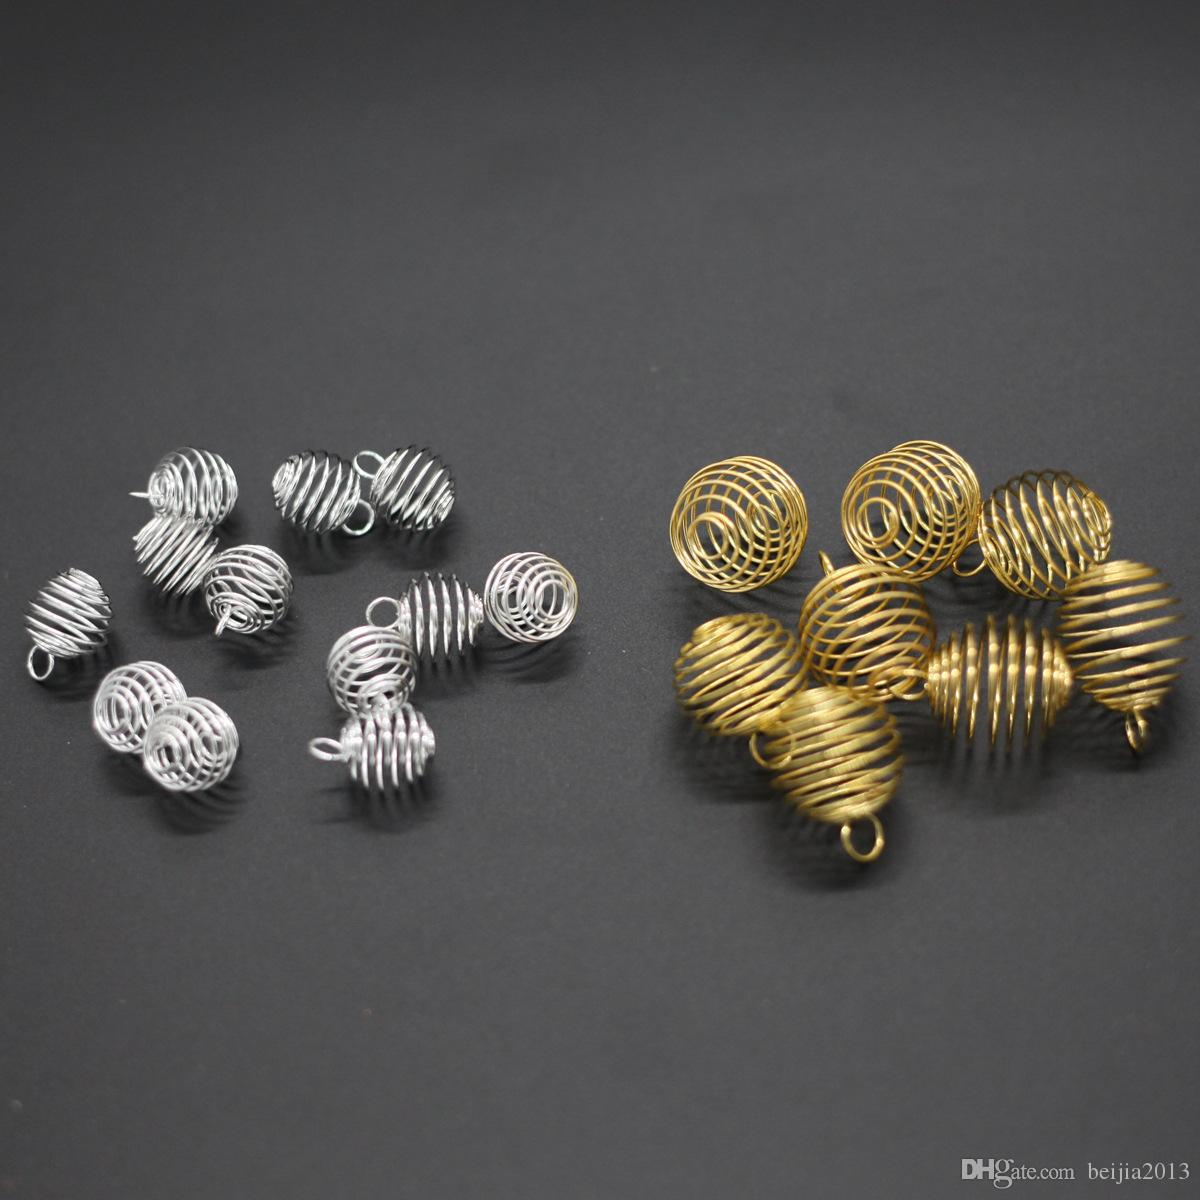 Gaiolas de grânulos em espiral de prata encantos encantos Conchas de pingentes 9x13mm Jóias fazendo DIY